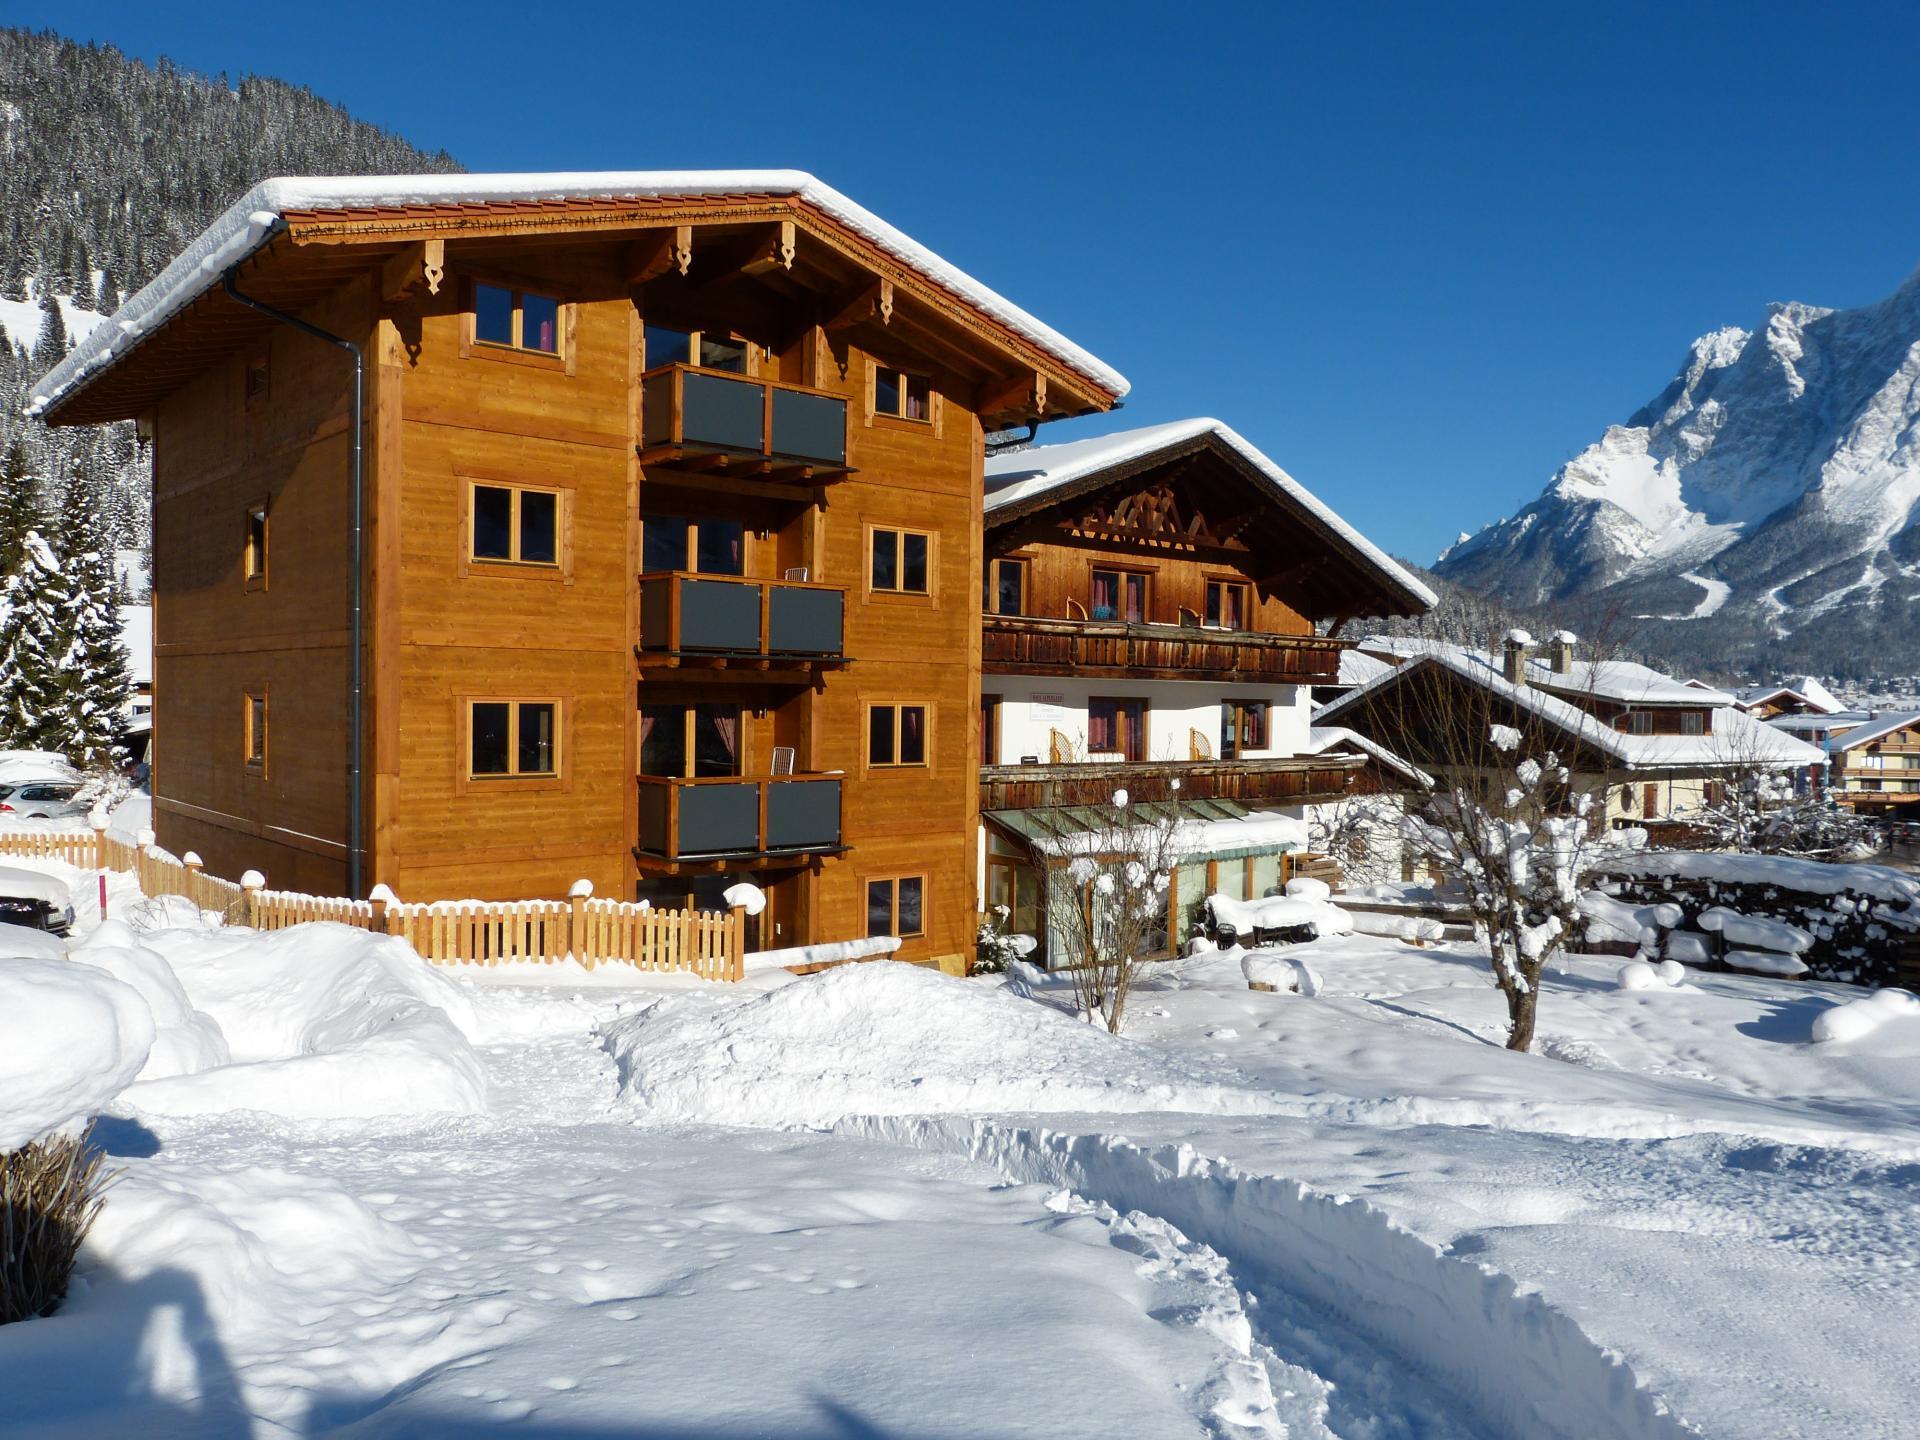 Appartement Alpenland #Willkommen#Bildergalerie